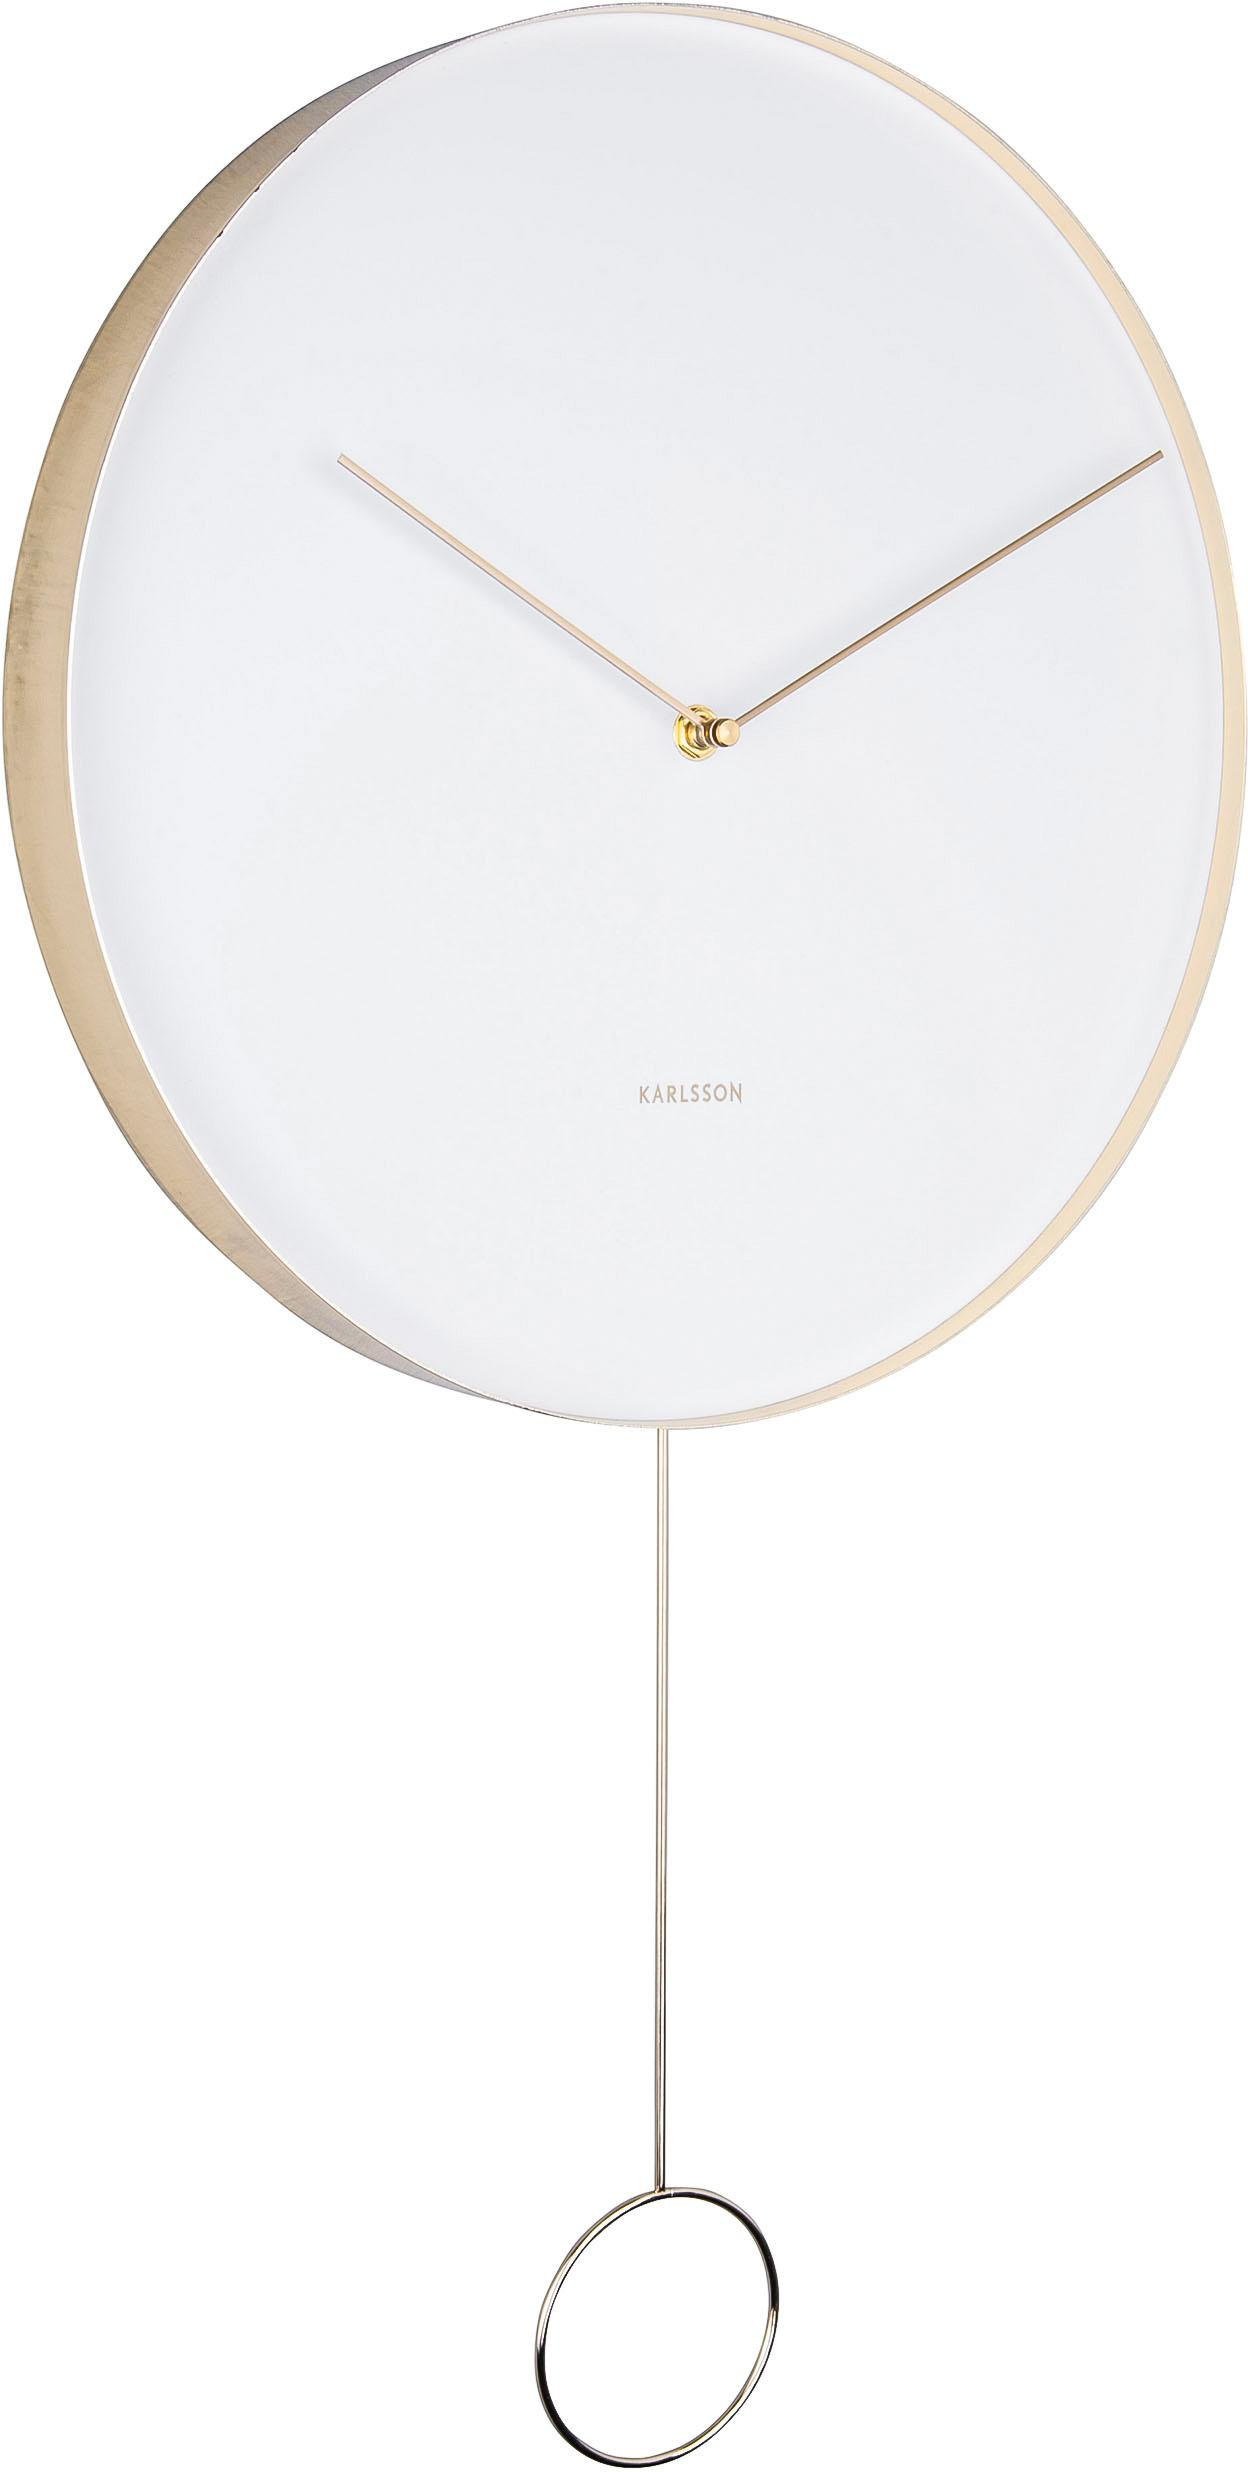 Wanduhr Pendulum, Metall, beschichtet, Weiß, Messingfarben, Ø 34 cm